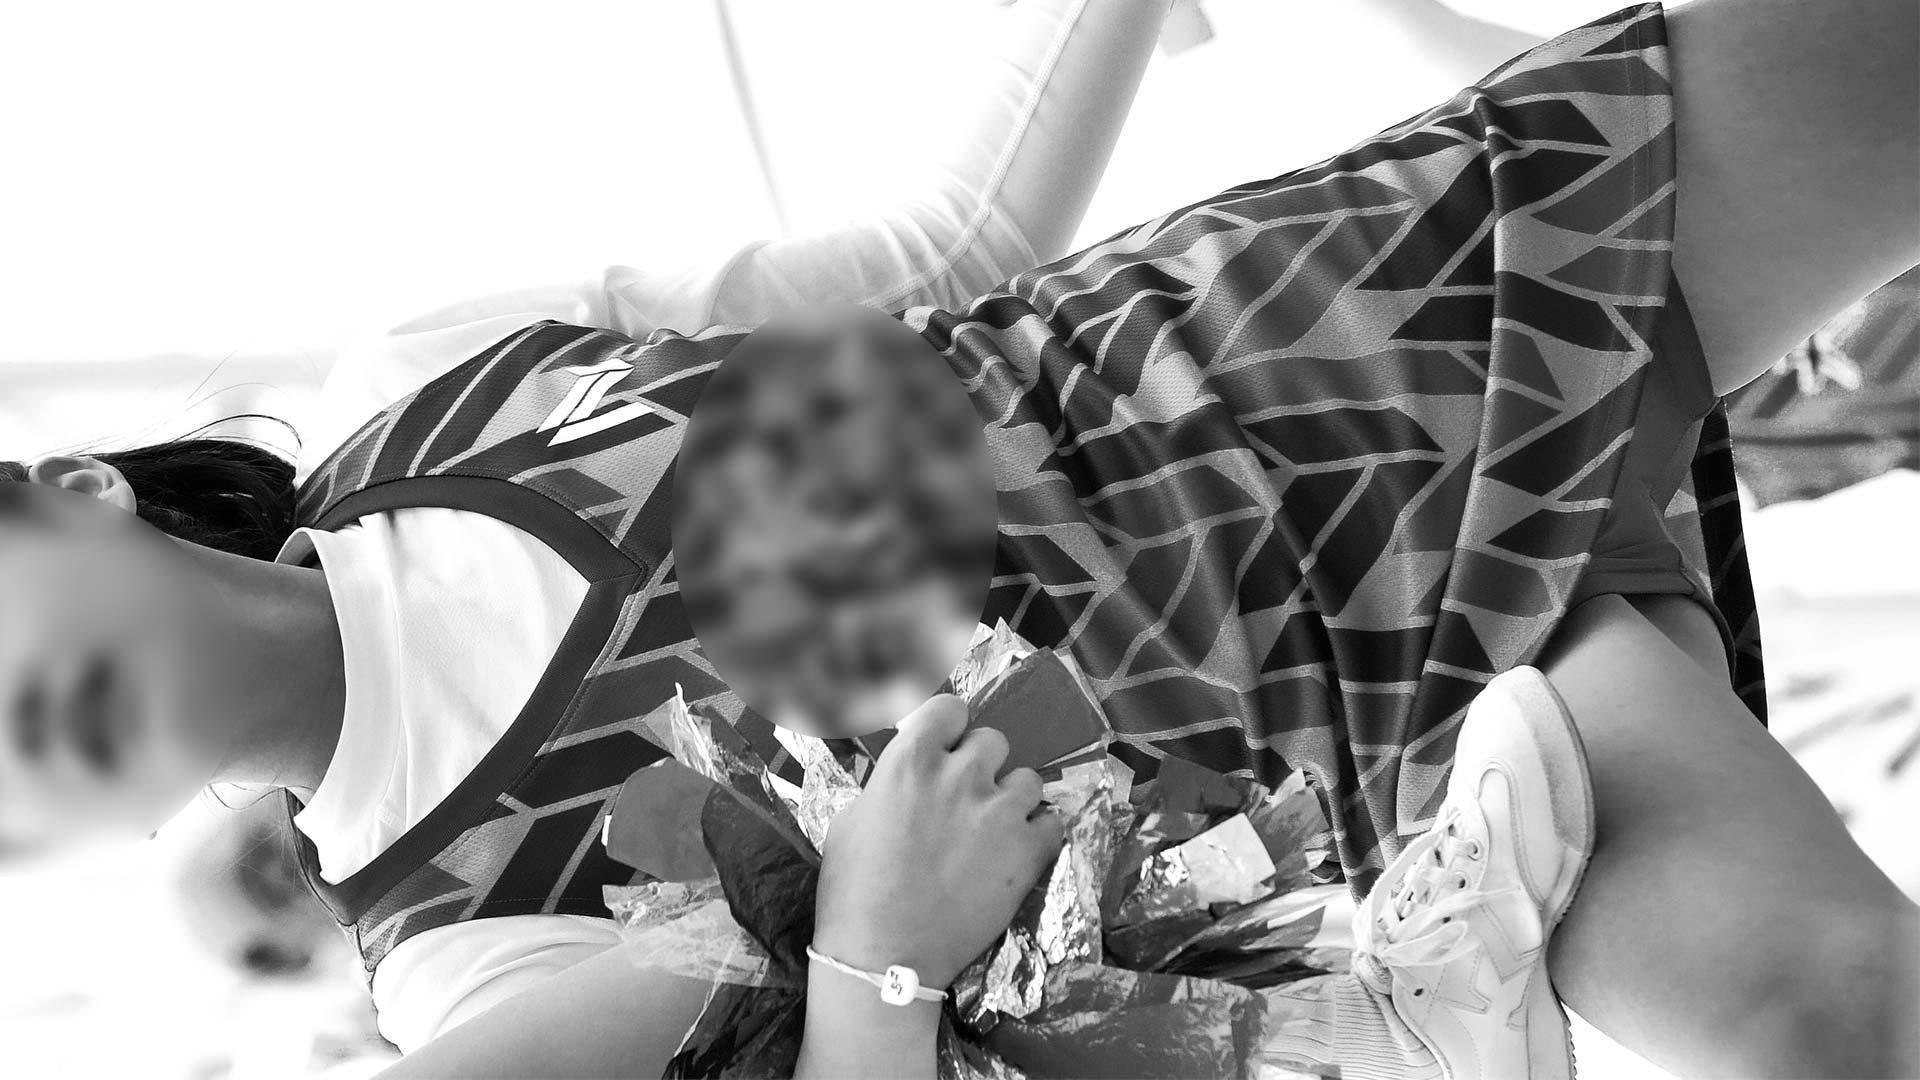 伝説のチアチーム演技。鮮明な4K映像で股間がぐっしょり濡れている事が判明してしまう(すぽチァン:ぷるぷるチア 4K(03))